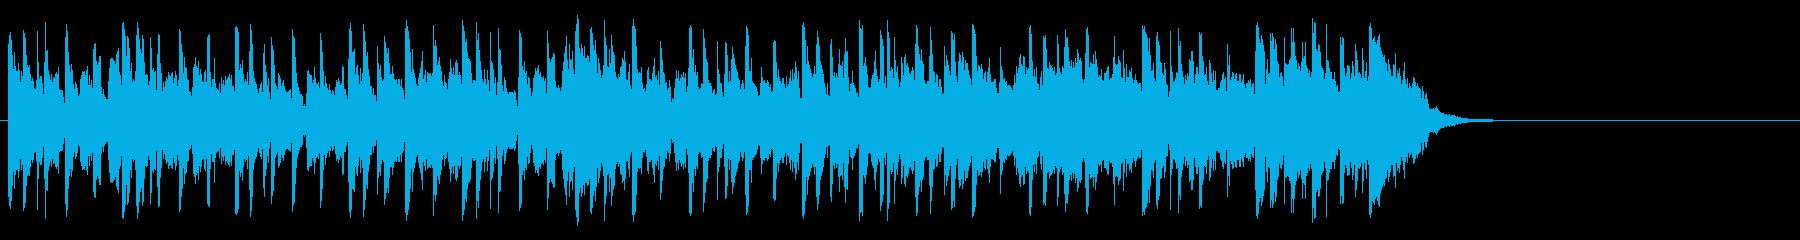 クルーズする優雅なポップ(サビ)の再生済みの波形